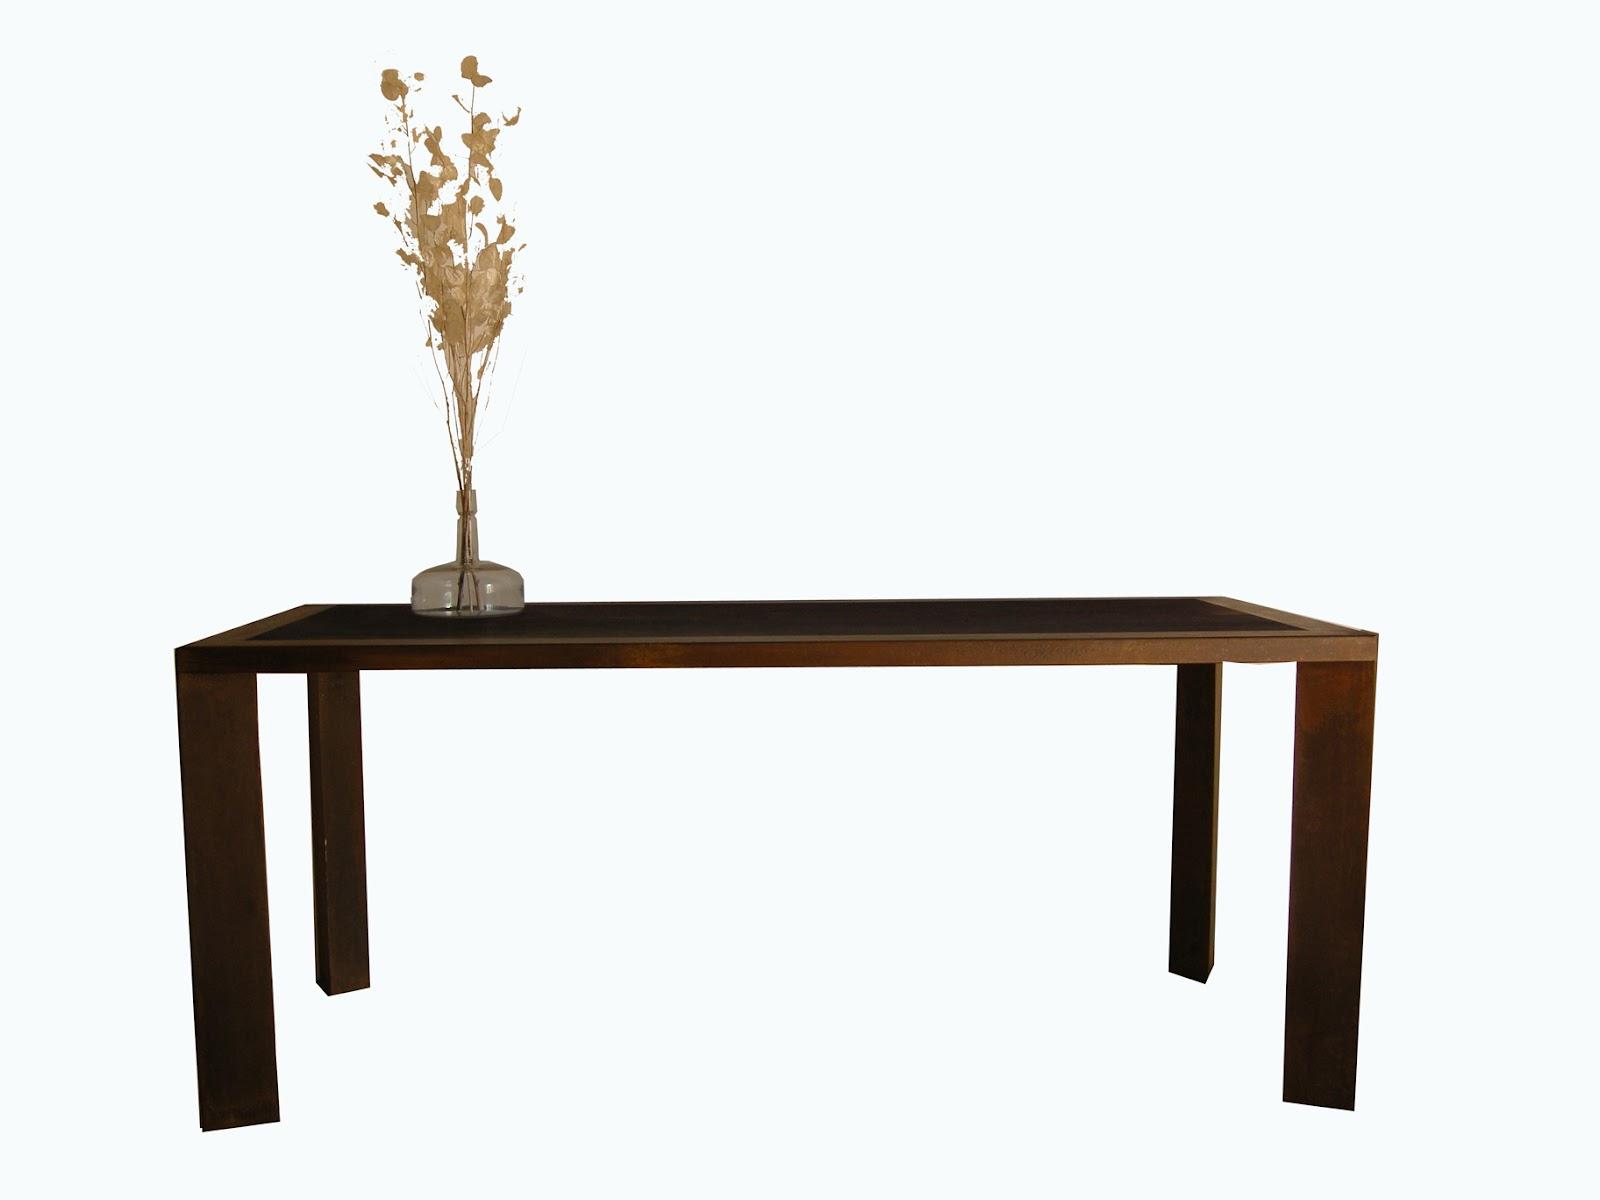 Tavolo In Ferro E Legno : Architettura e design: tavoli in ferro e legno